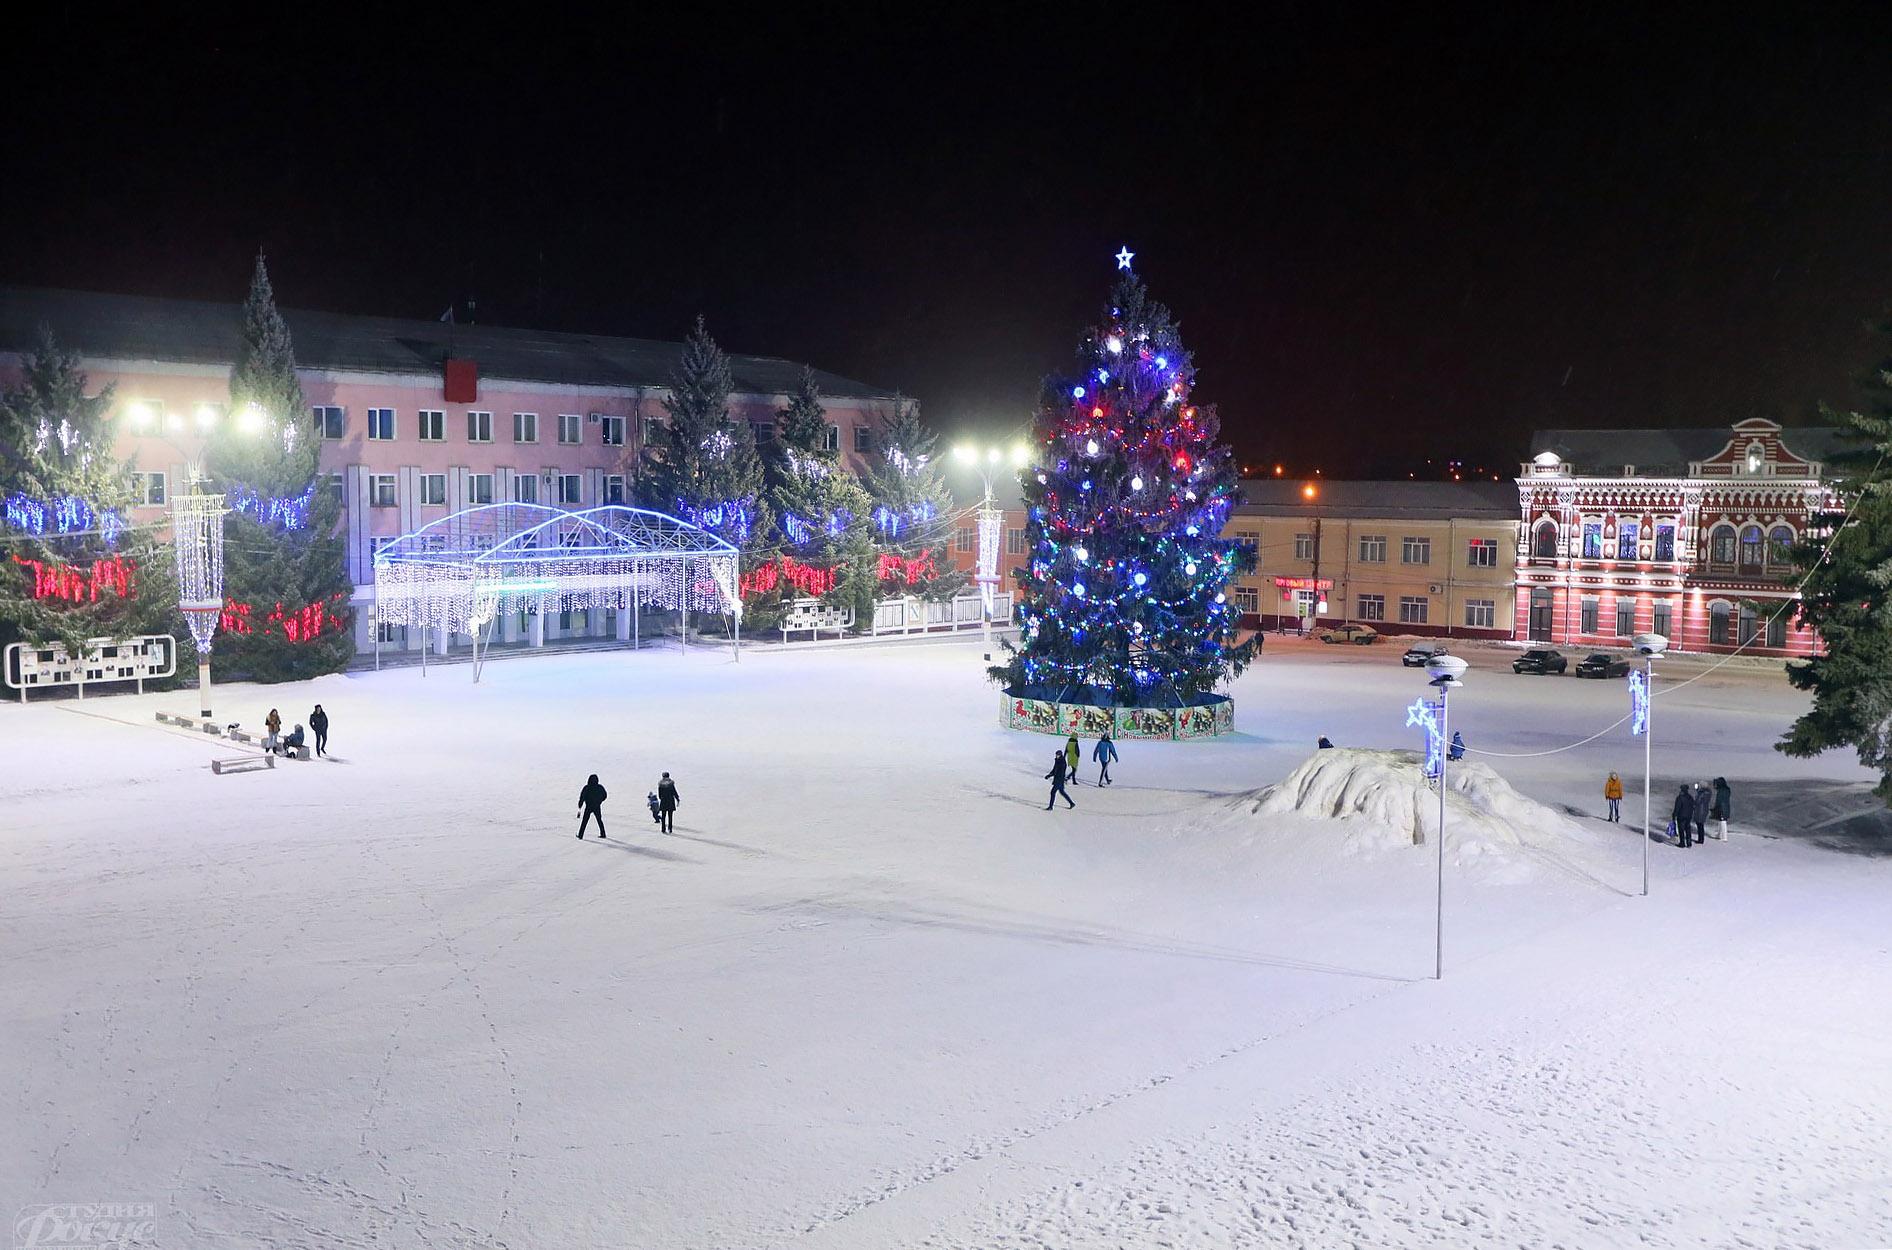 Елка на центральной площади Новозыбкова. Фото: В.Клещёв, 2016 г.